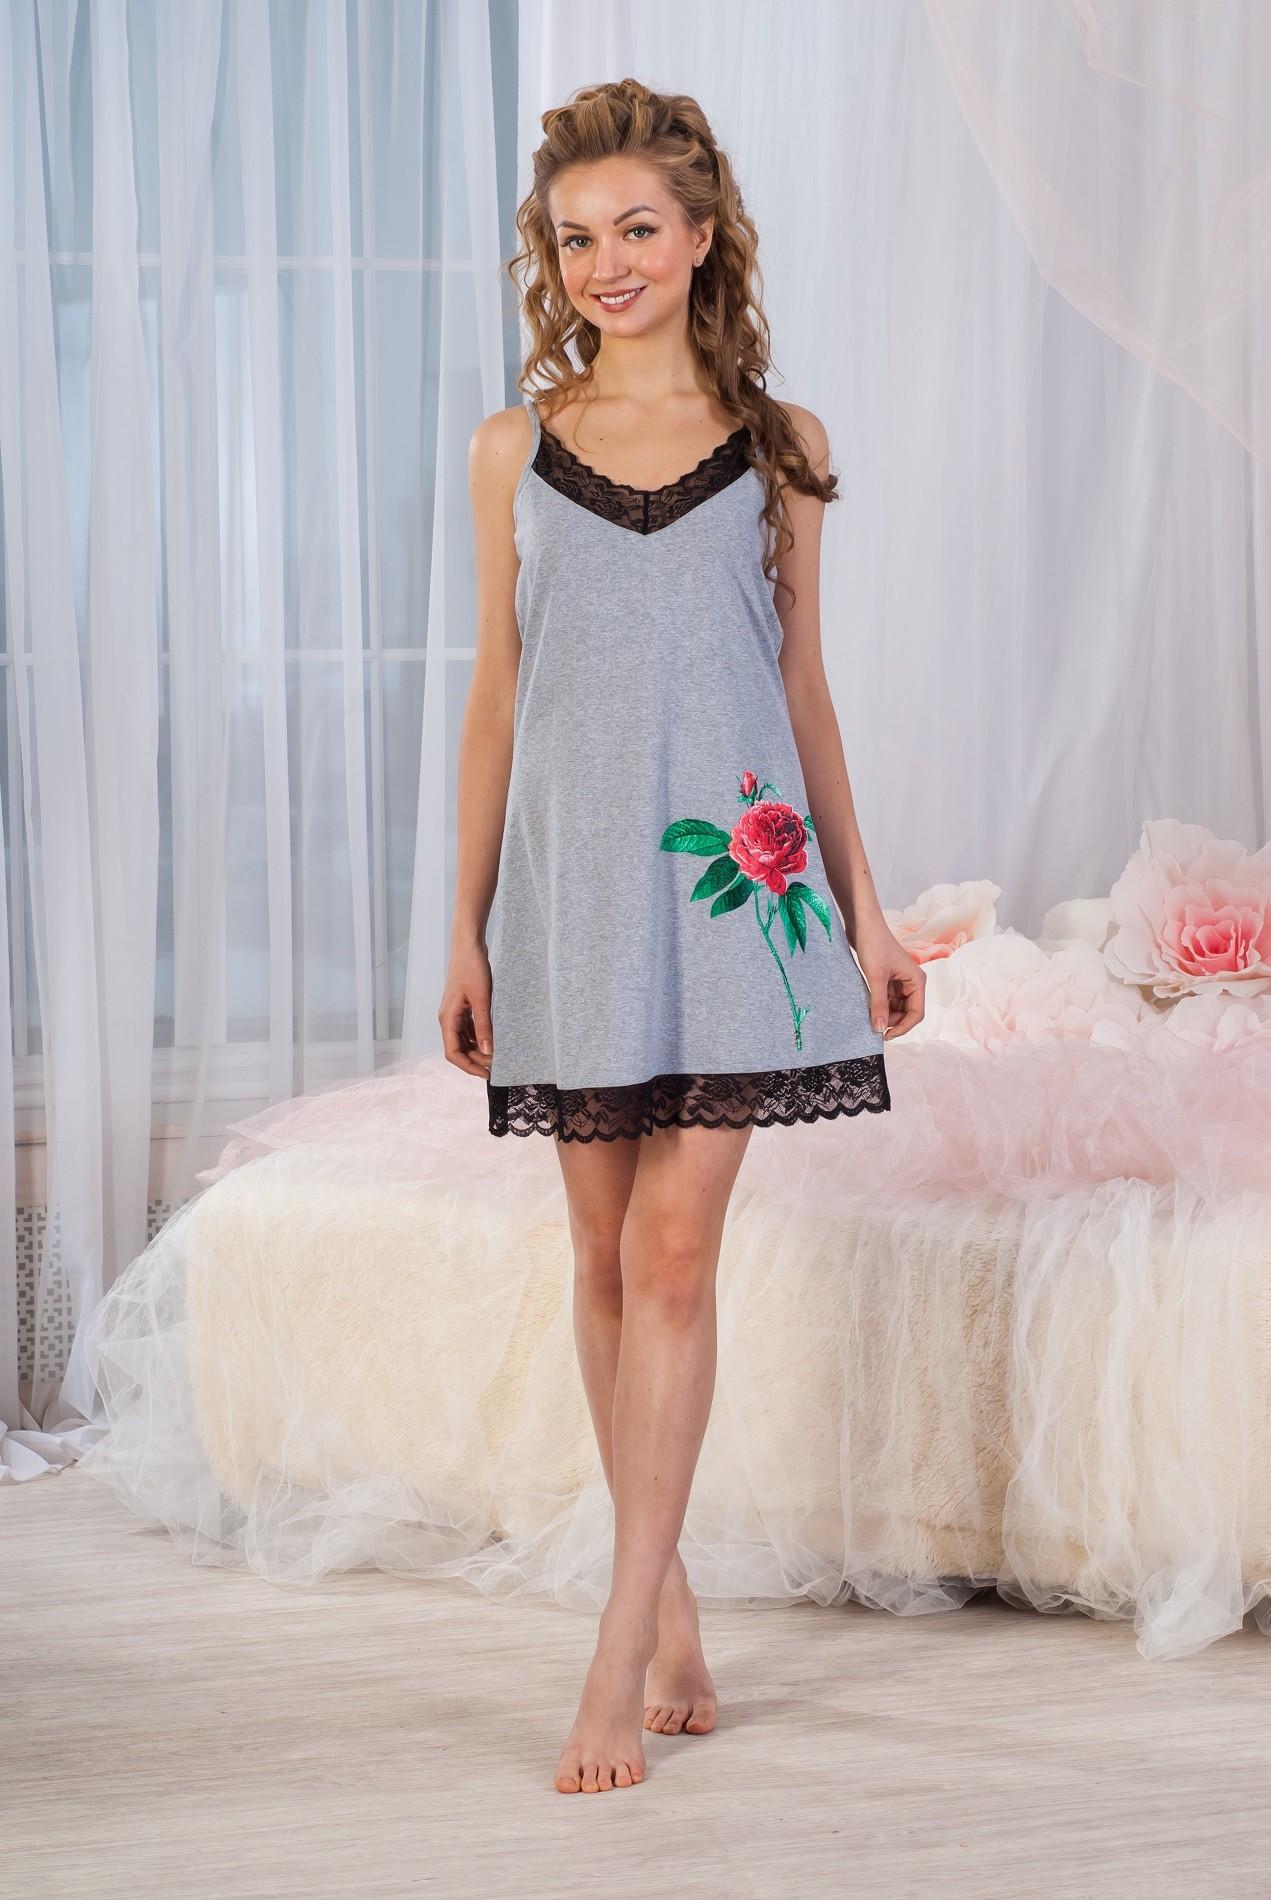 Сорочка женская Цветик на тонких бретеляхДомашняя одежда<br><br><br>Размер: 48